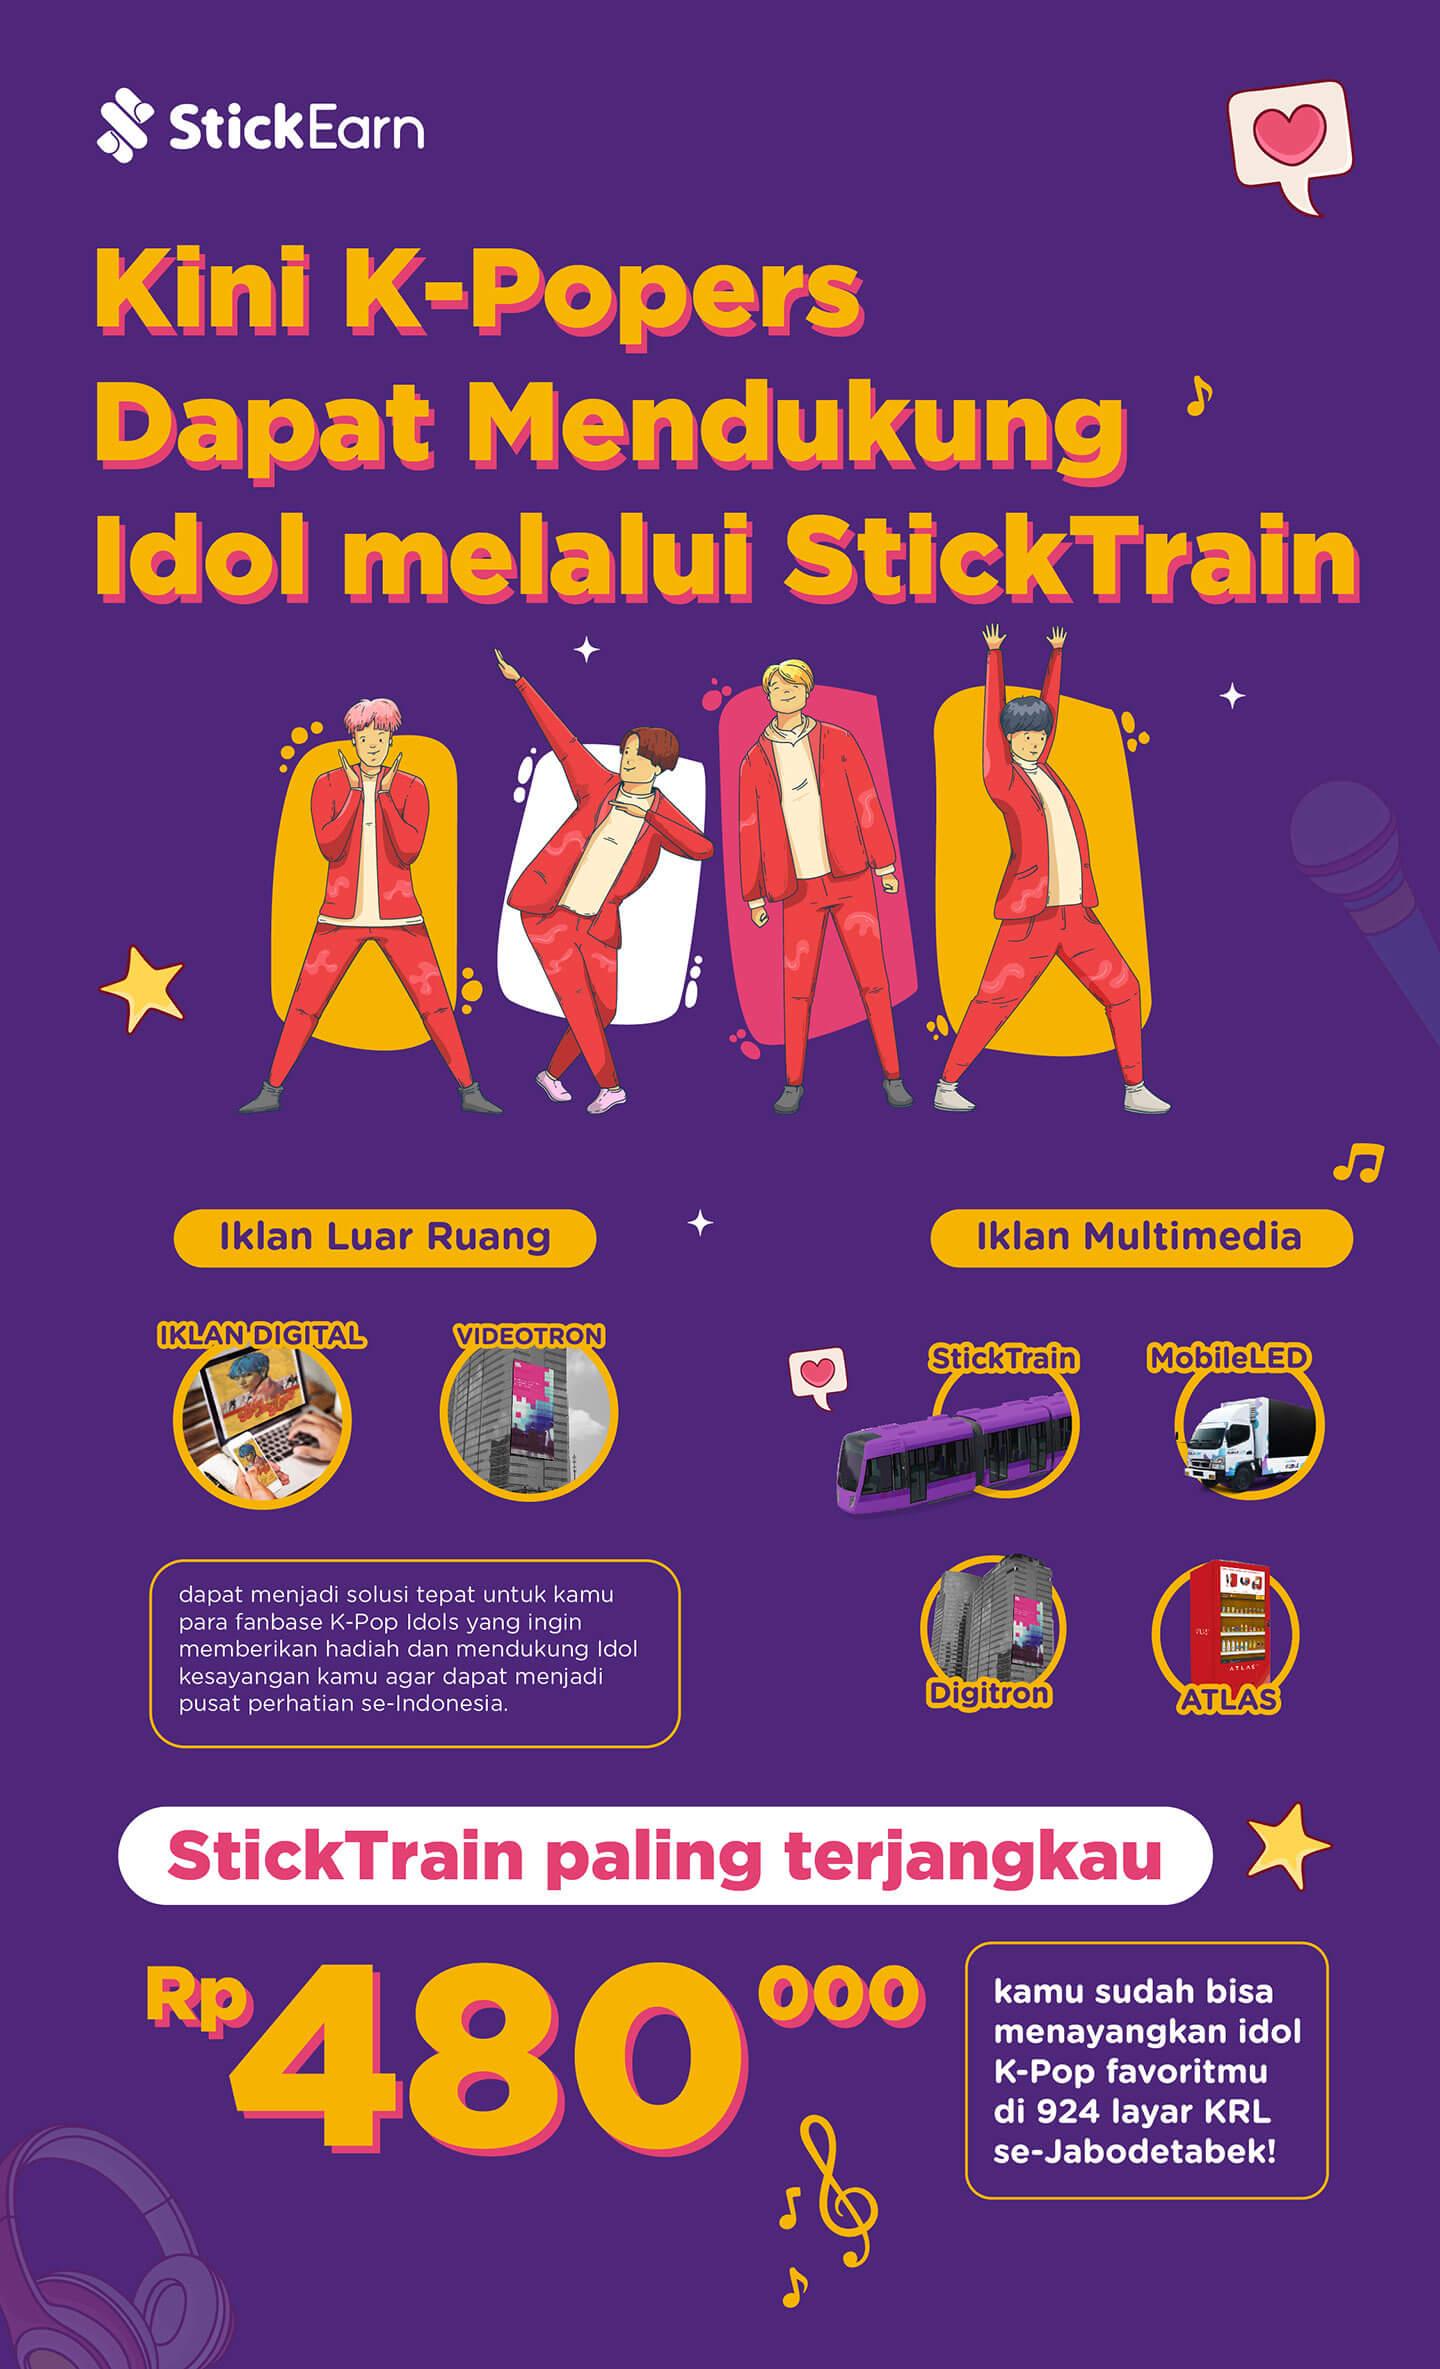 Kini K-popers Dapat Mendukung Idol melalui StickTrain